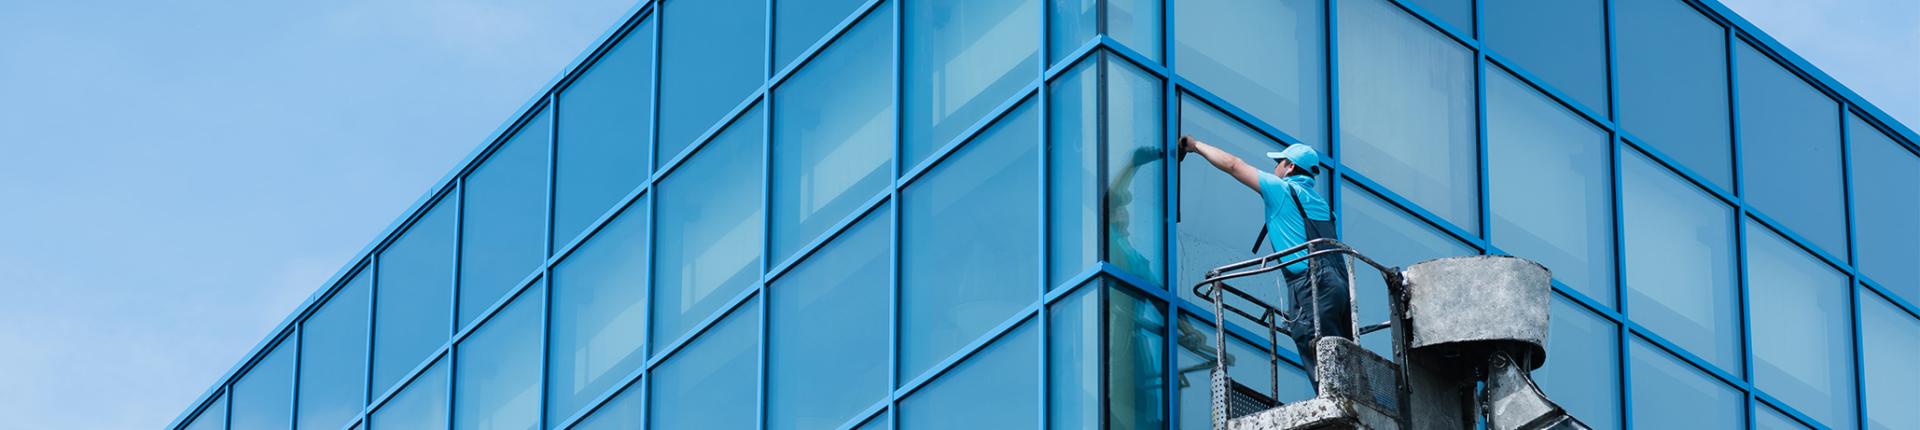 Fönsterputsare ute 2 Söbbön Städ & Fönsterputs